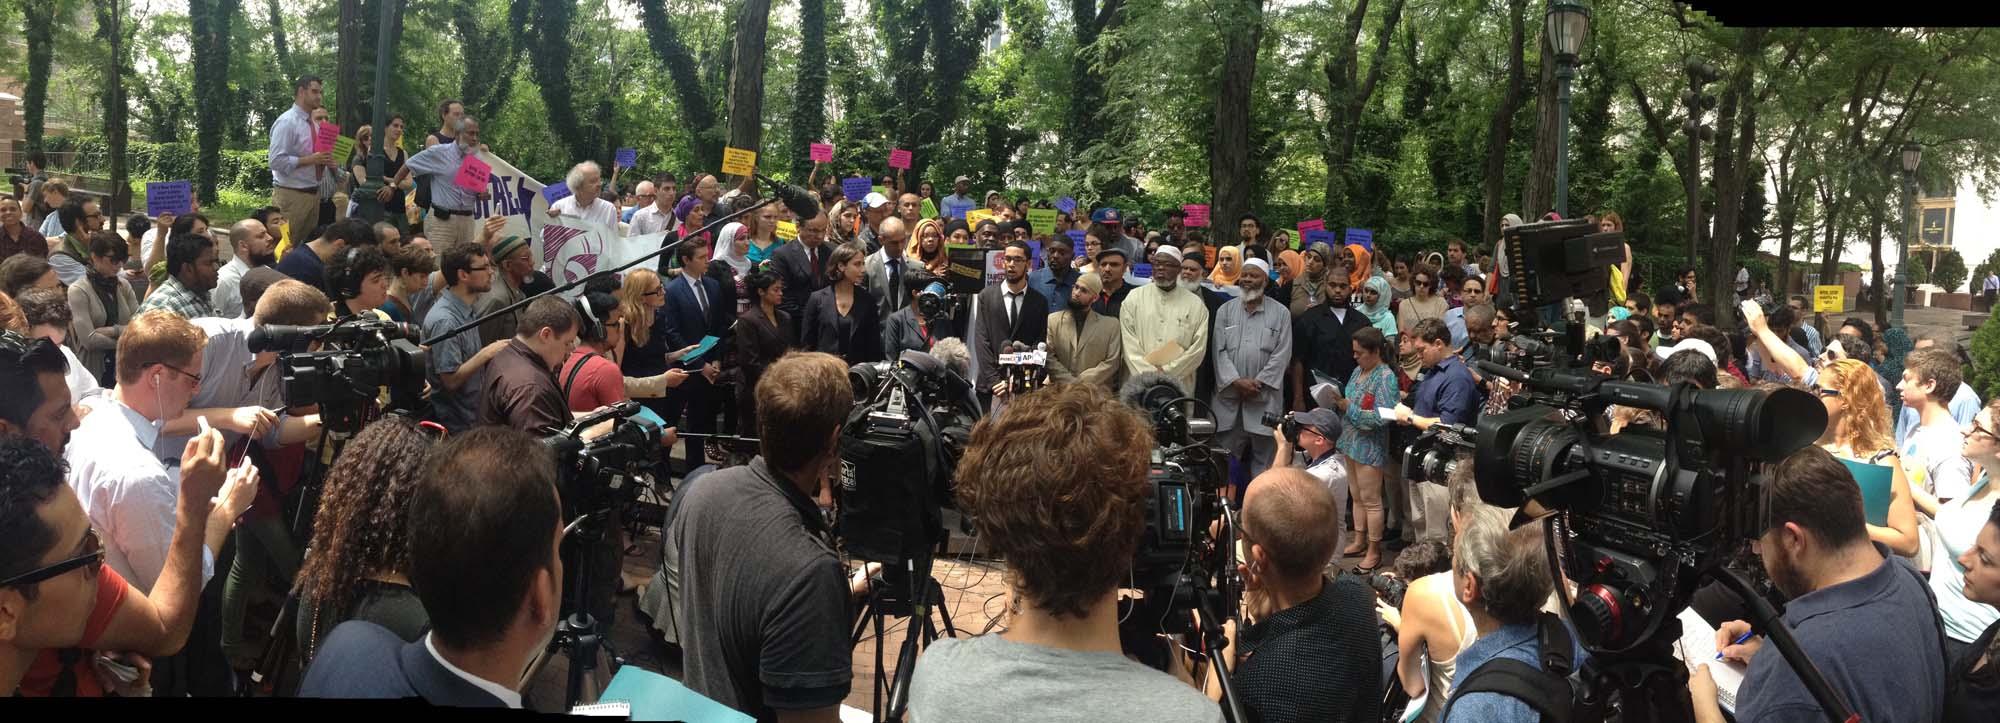 Press conference panoramic hi res.jpg